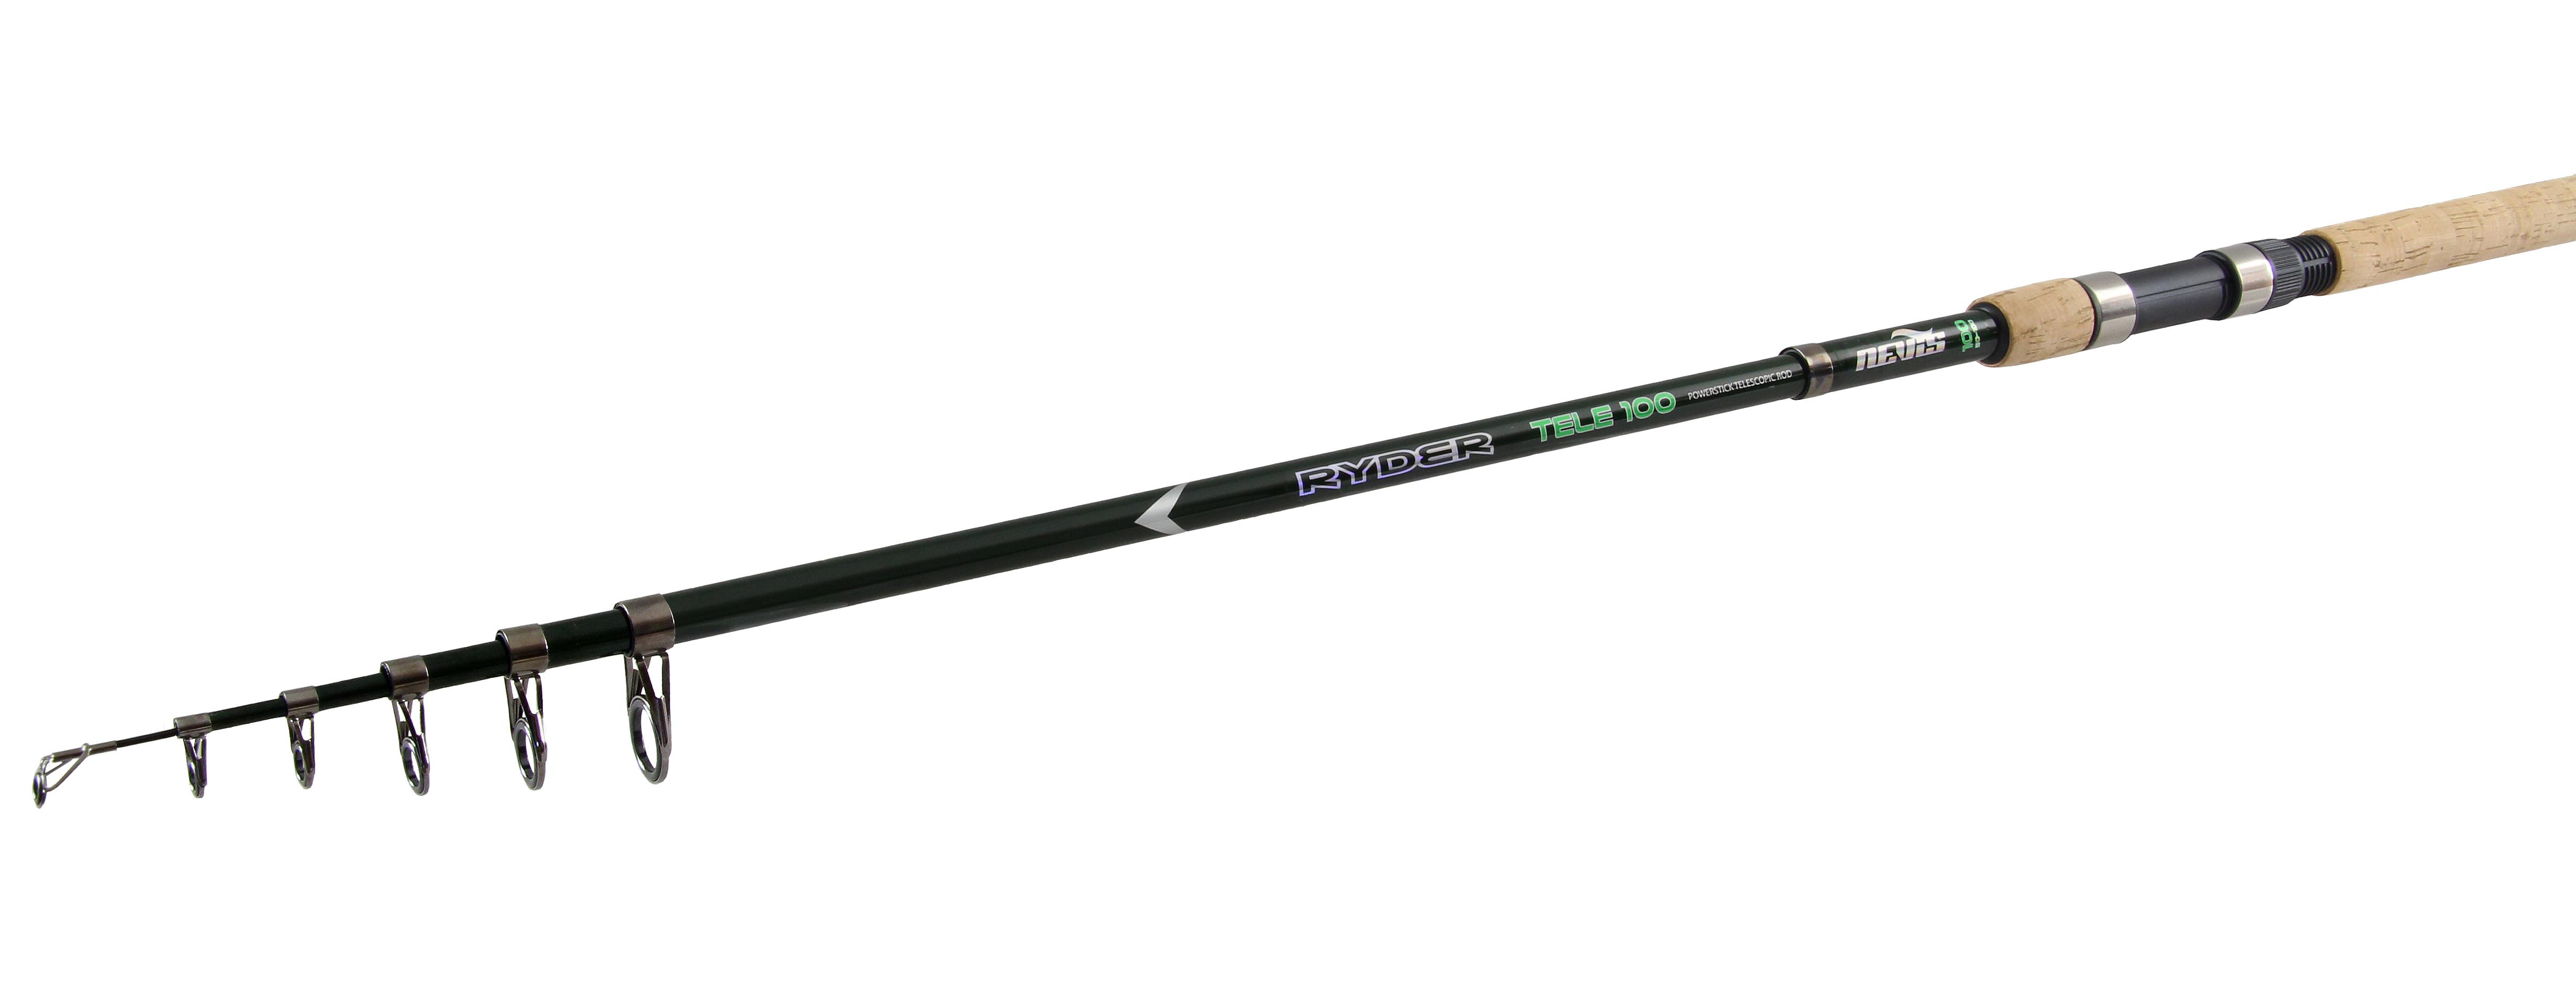 Ryder Tele 3.60m 50-100g